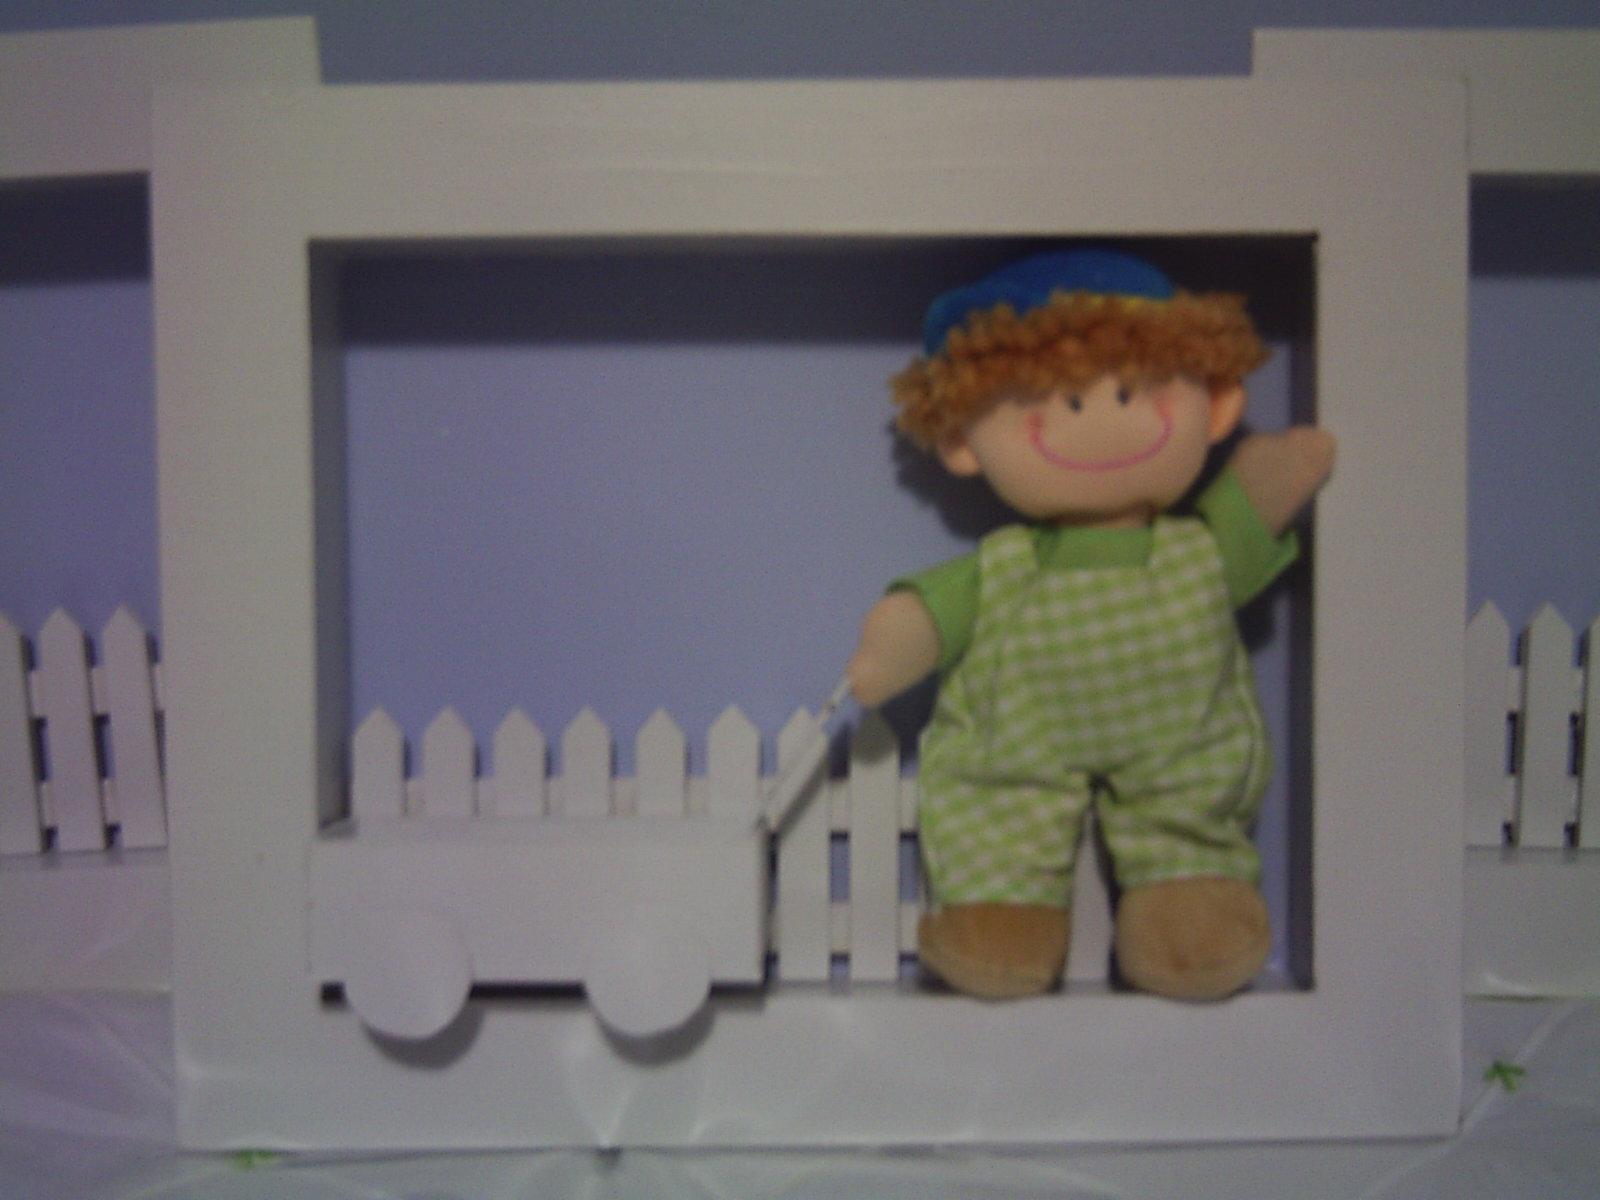 decoracao quarto branco e azul:blog iris medeiros: Decoração de quarto de bebê:verde azul e branco